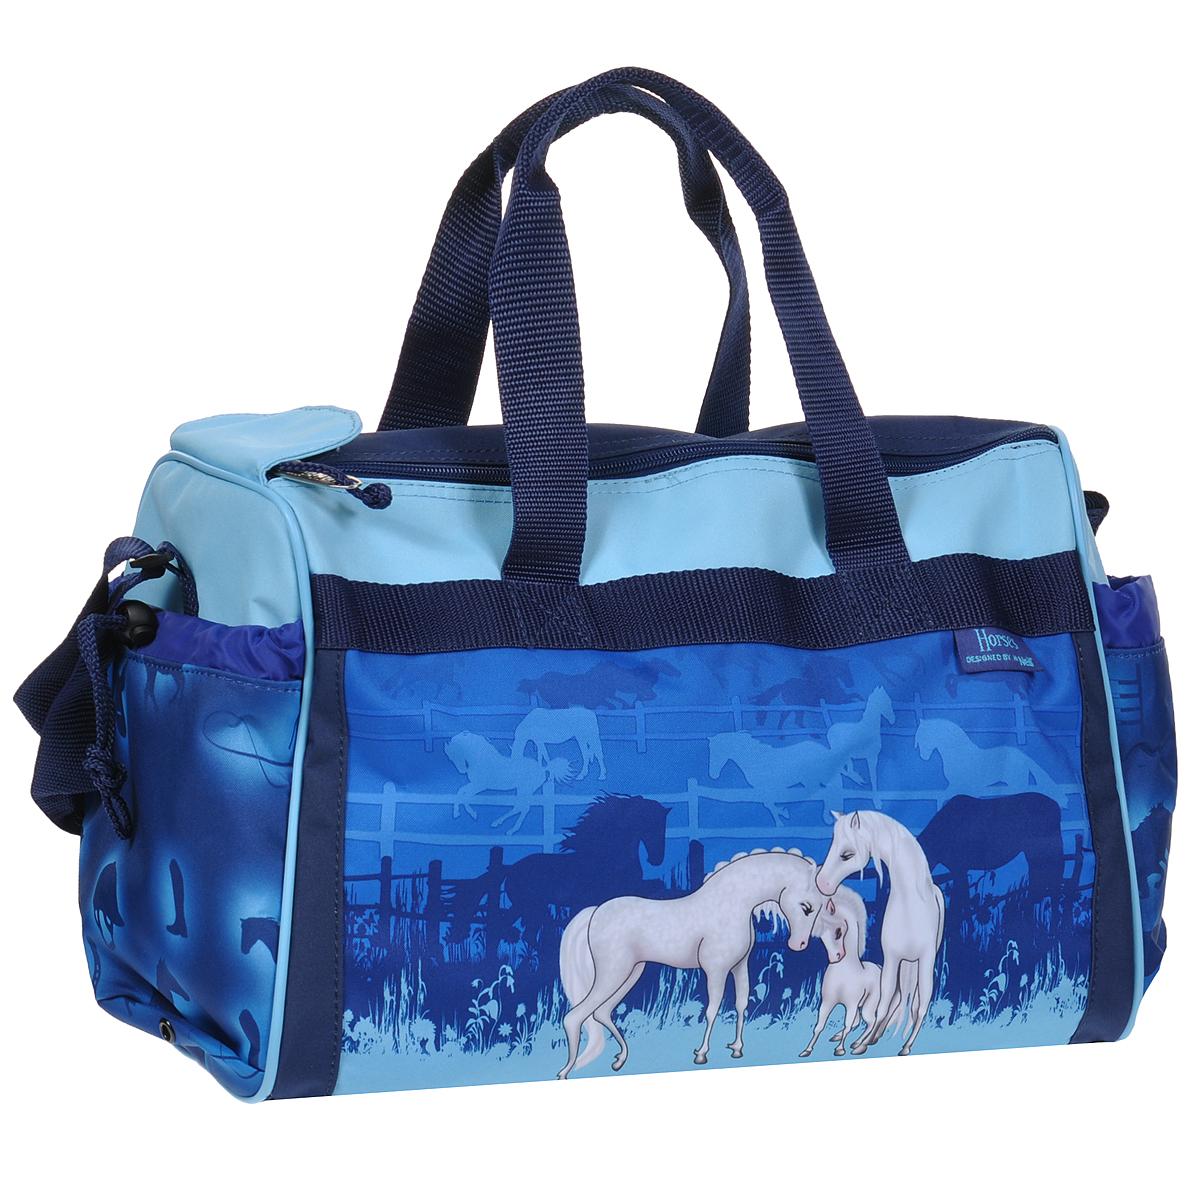 Сумка спортивная детская Take It Easy Лошади, цвет: синий, голубой9105142000Спортивная сумка Take It Easy Лошади выполнена из высококачественного материала синего и голубого цветов, оформлена изображением лошадей. Сумка состоит из одного вместительного отделения, закрывающегося на две застежки-молнии и липучку. Бегунки на застежках соединены текстильным шнурком. На внешней стороне сумки расположен объемный втачной карман для обуви, закрывающийся на застежку-молнию. По бокам находятся два накладных кармана, затягивающиеся сверху текстильными шнурками с фиксаторами. Спортивная сумка оснащена двумя текстильными ручками для переноски в руке и плечевым ремнем, регулируемым по длине. На дне сумки расположены четыре широкие пластиковые ножки, которые защитят ее от грязи и продлят срок службы.